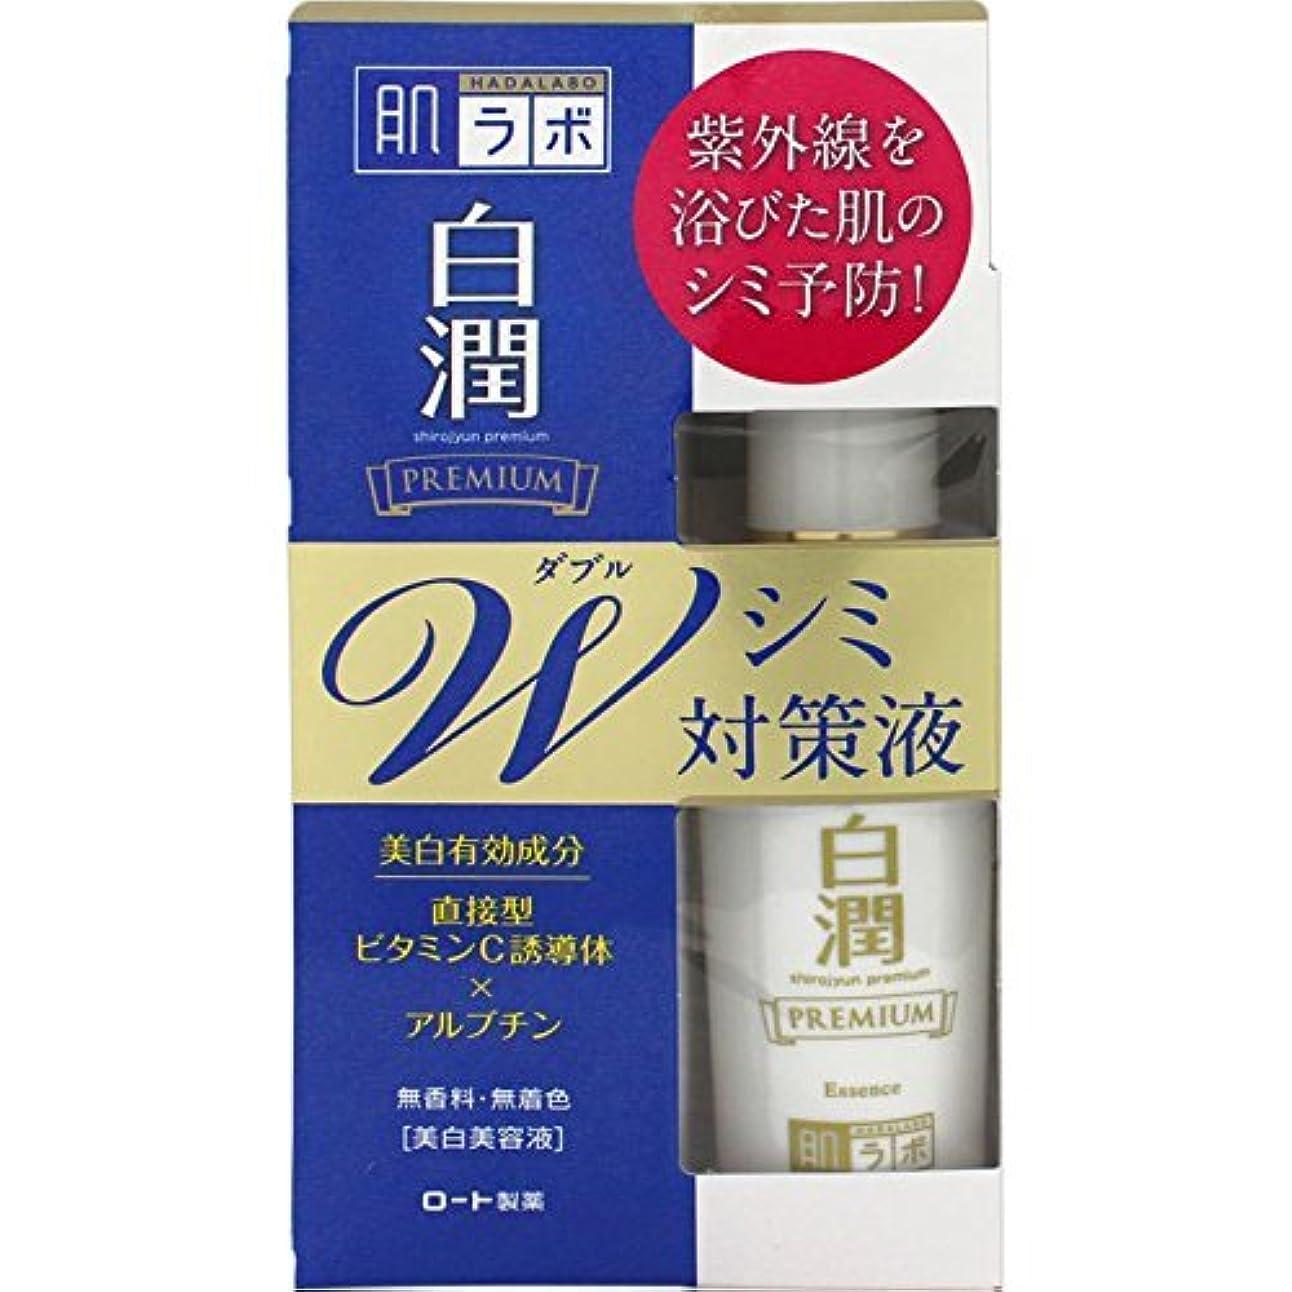 ヘッドレス診療所南極肌ラボ 白潤 プレミアムW美白美容液 40mL (医薬部外品)×5